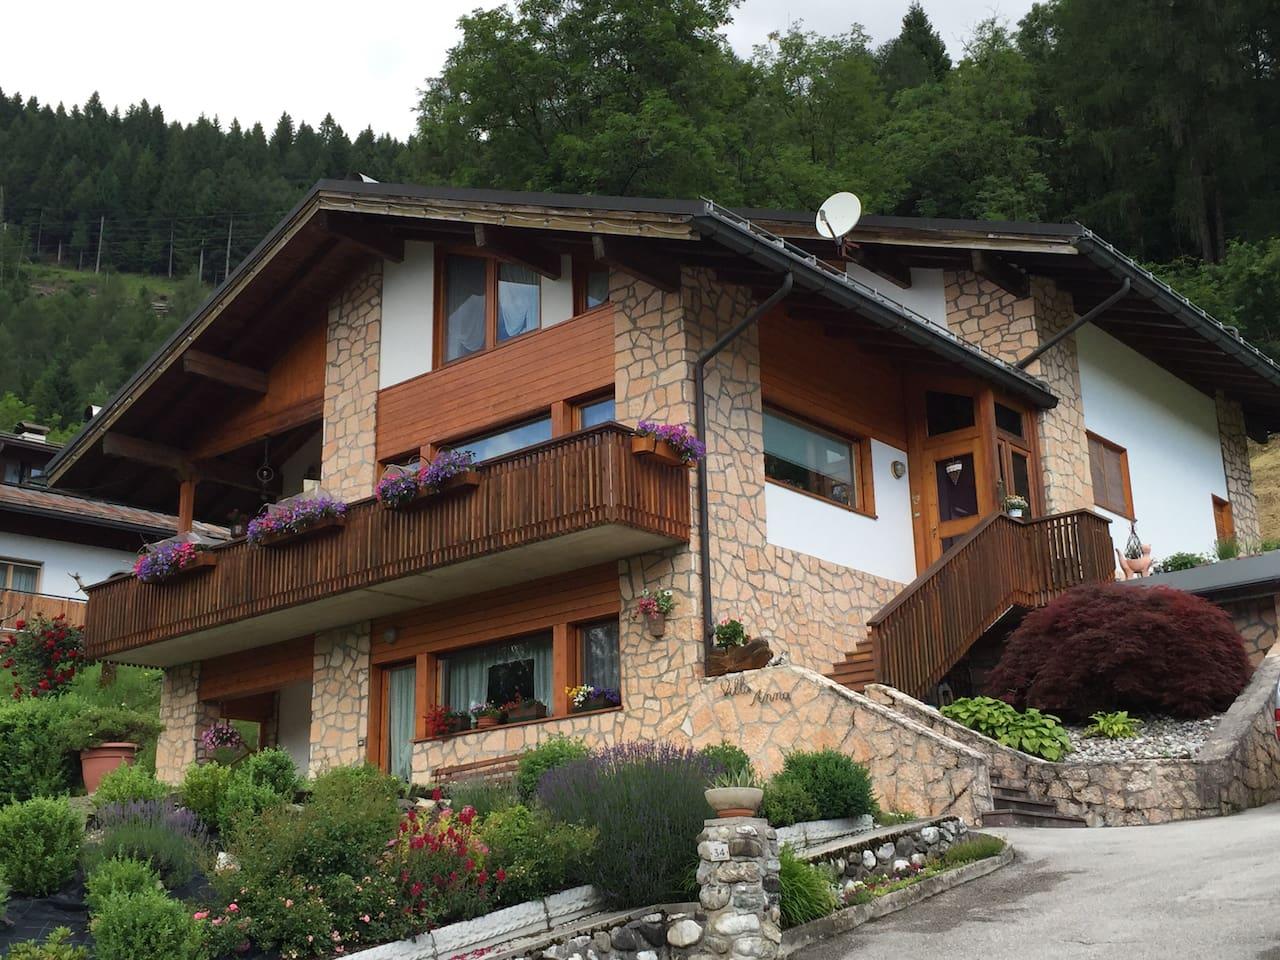 Vista esterna - House view